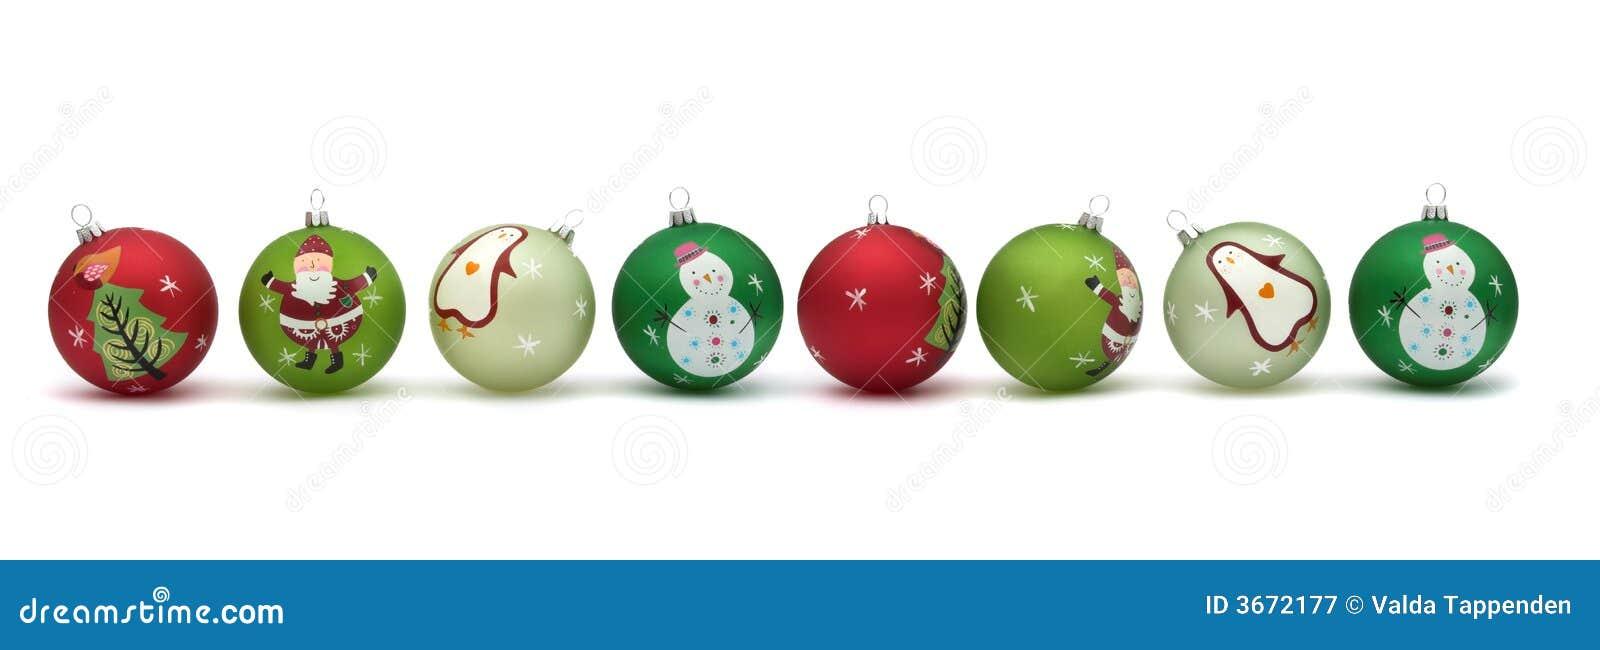 De mooie snuisterijen van Kerstmis